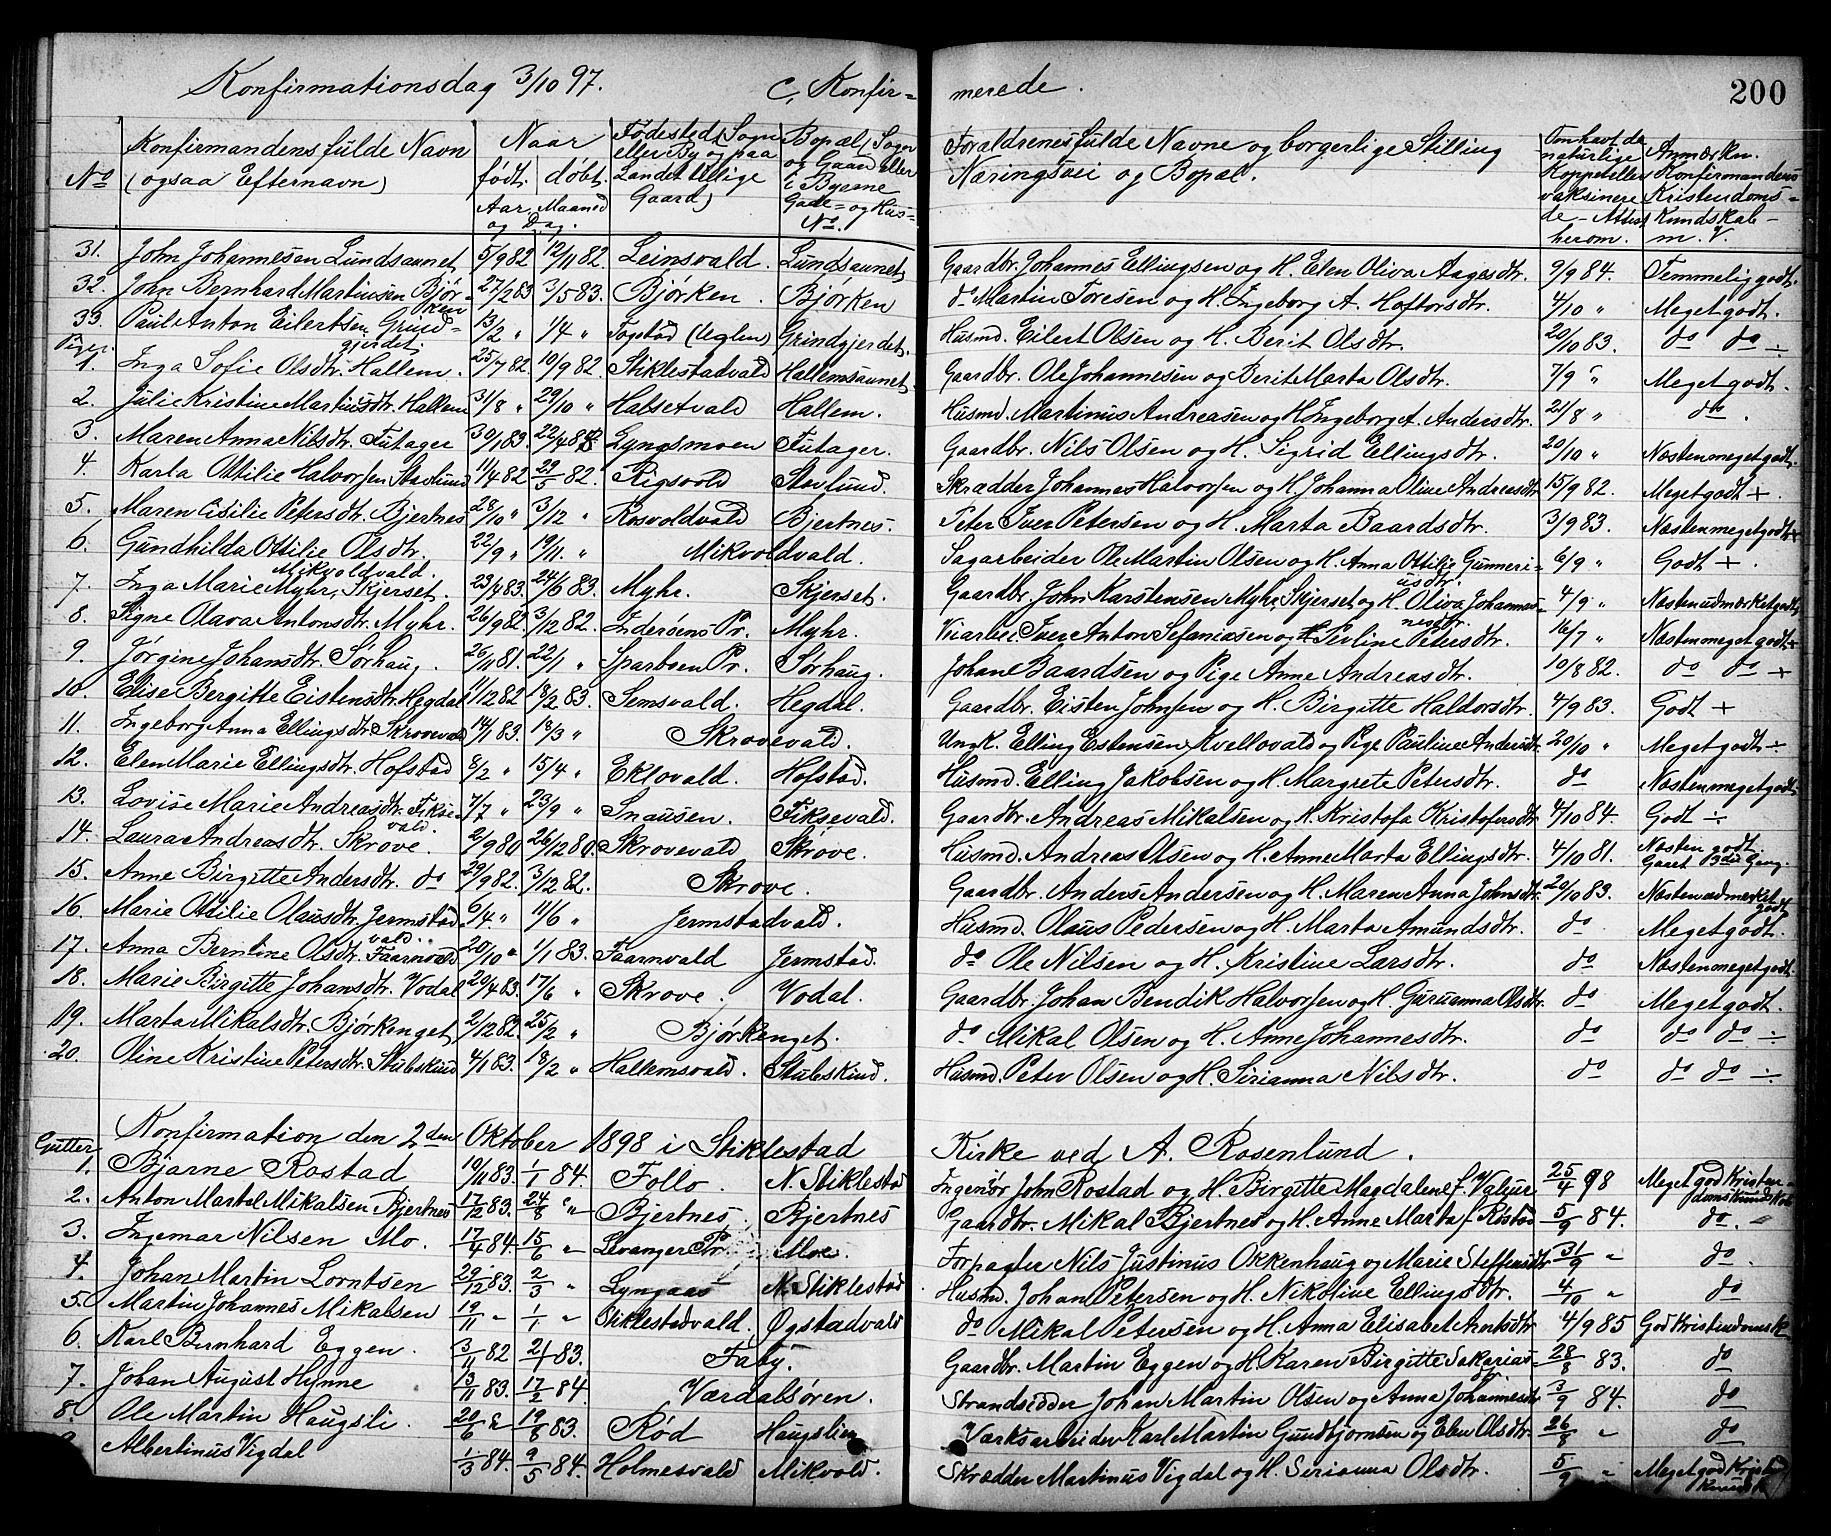 SAT, Ministerialprotokoller, klokkerbøker og fødselsregistre - Nord-Trøndelag, 723/L0257: Klokkerbok nr. 723C05, 1890-1907, s. 200